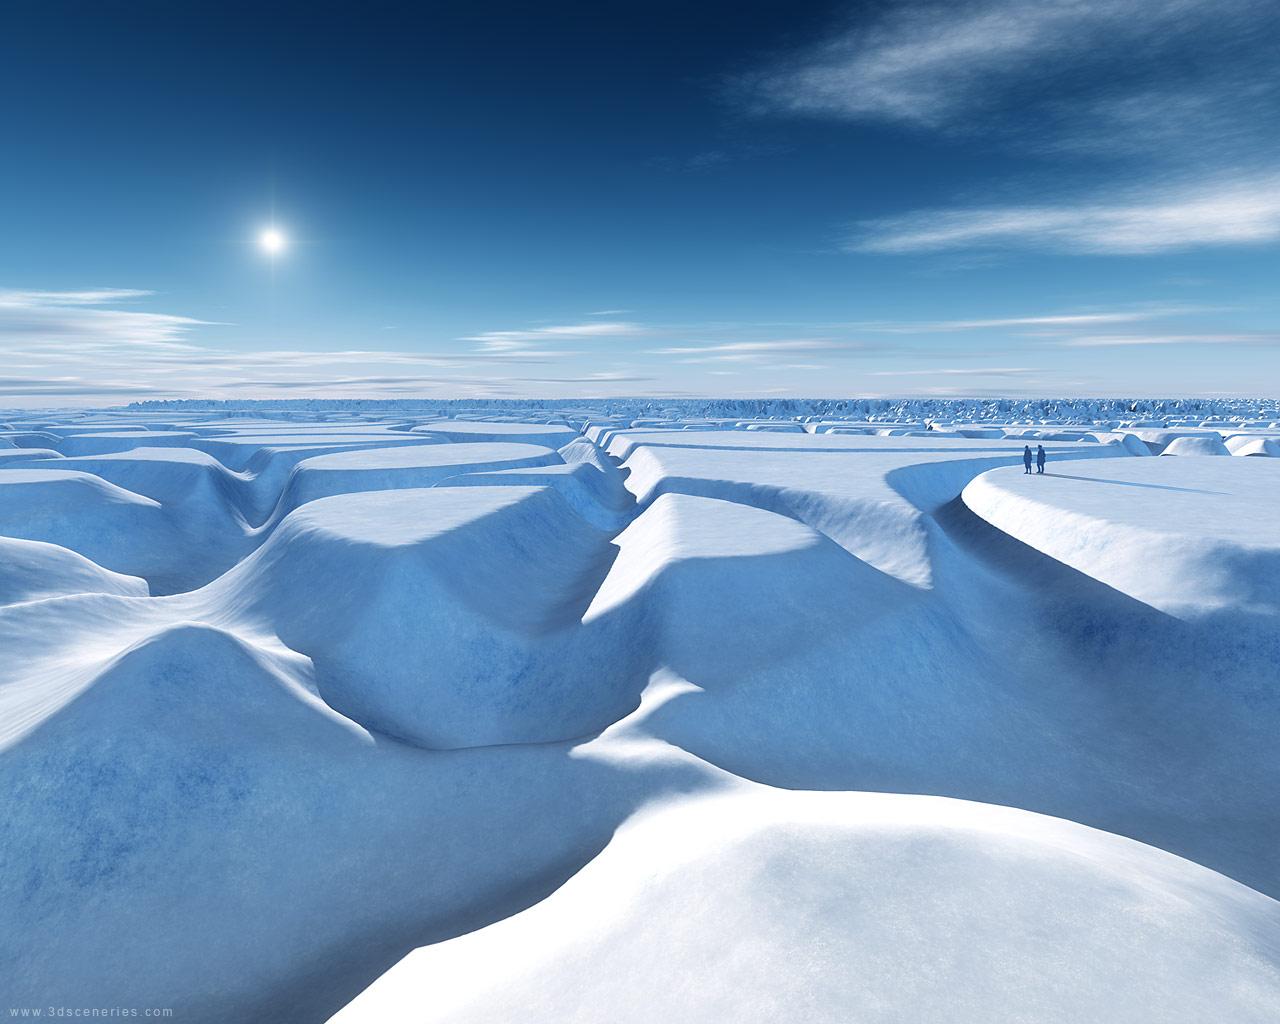 north pole by magann